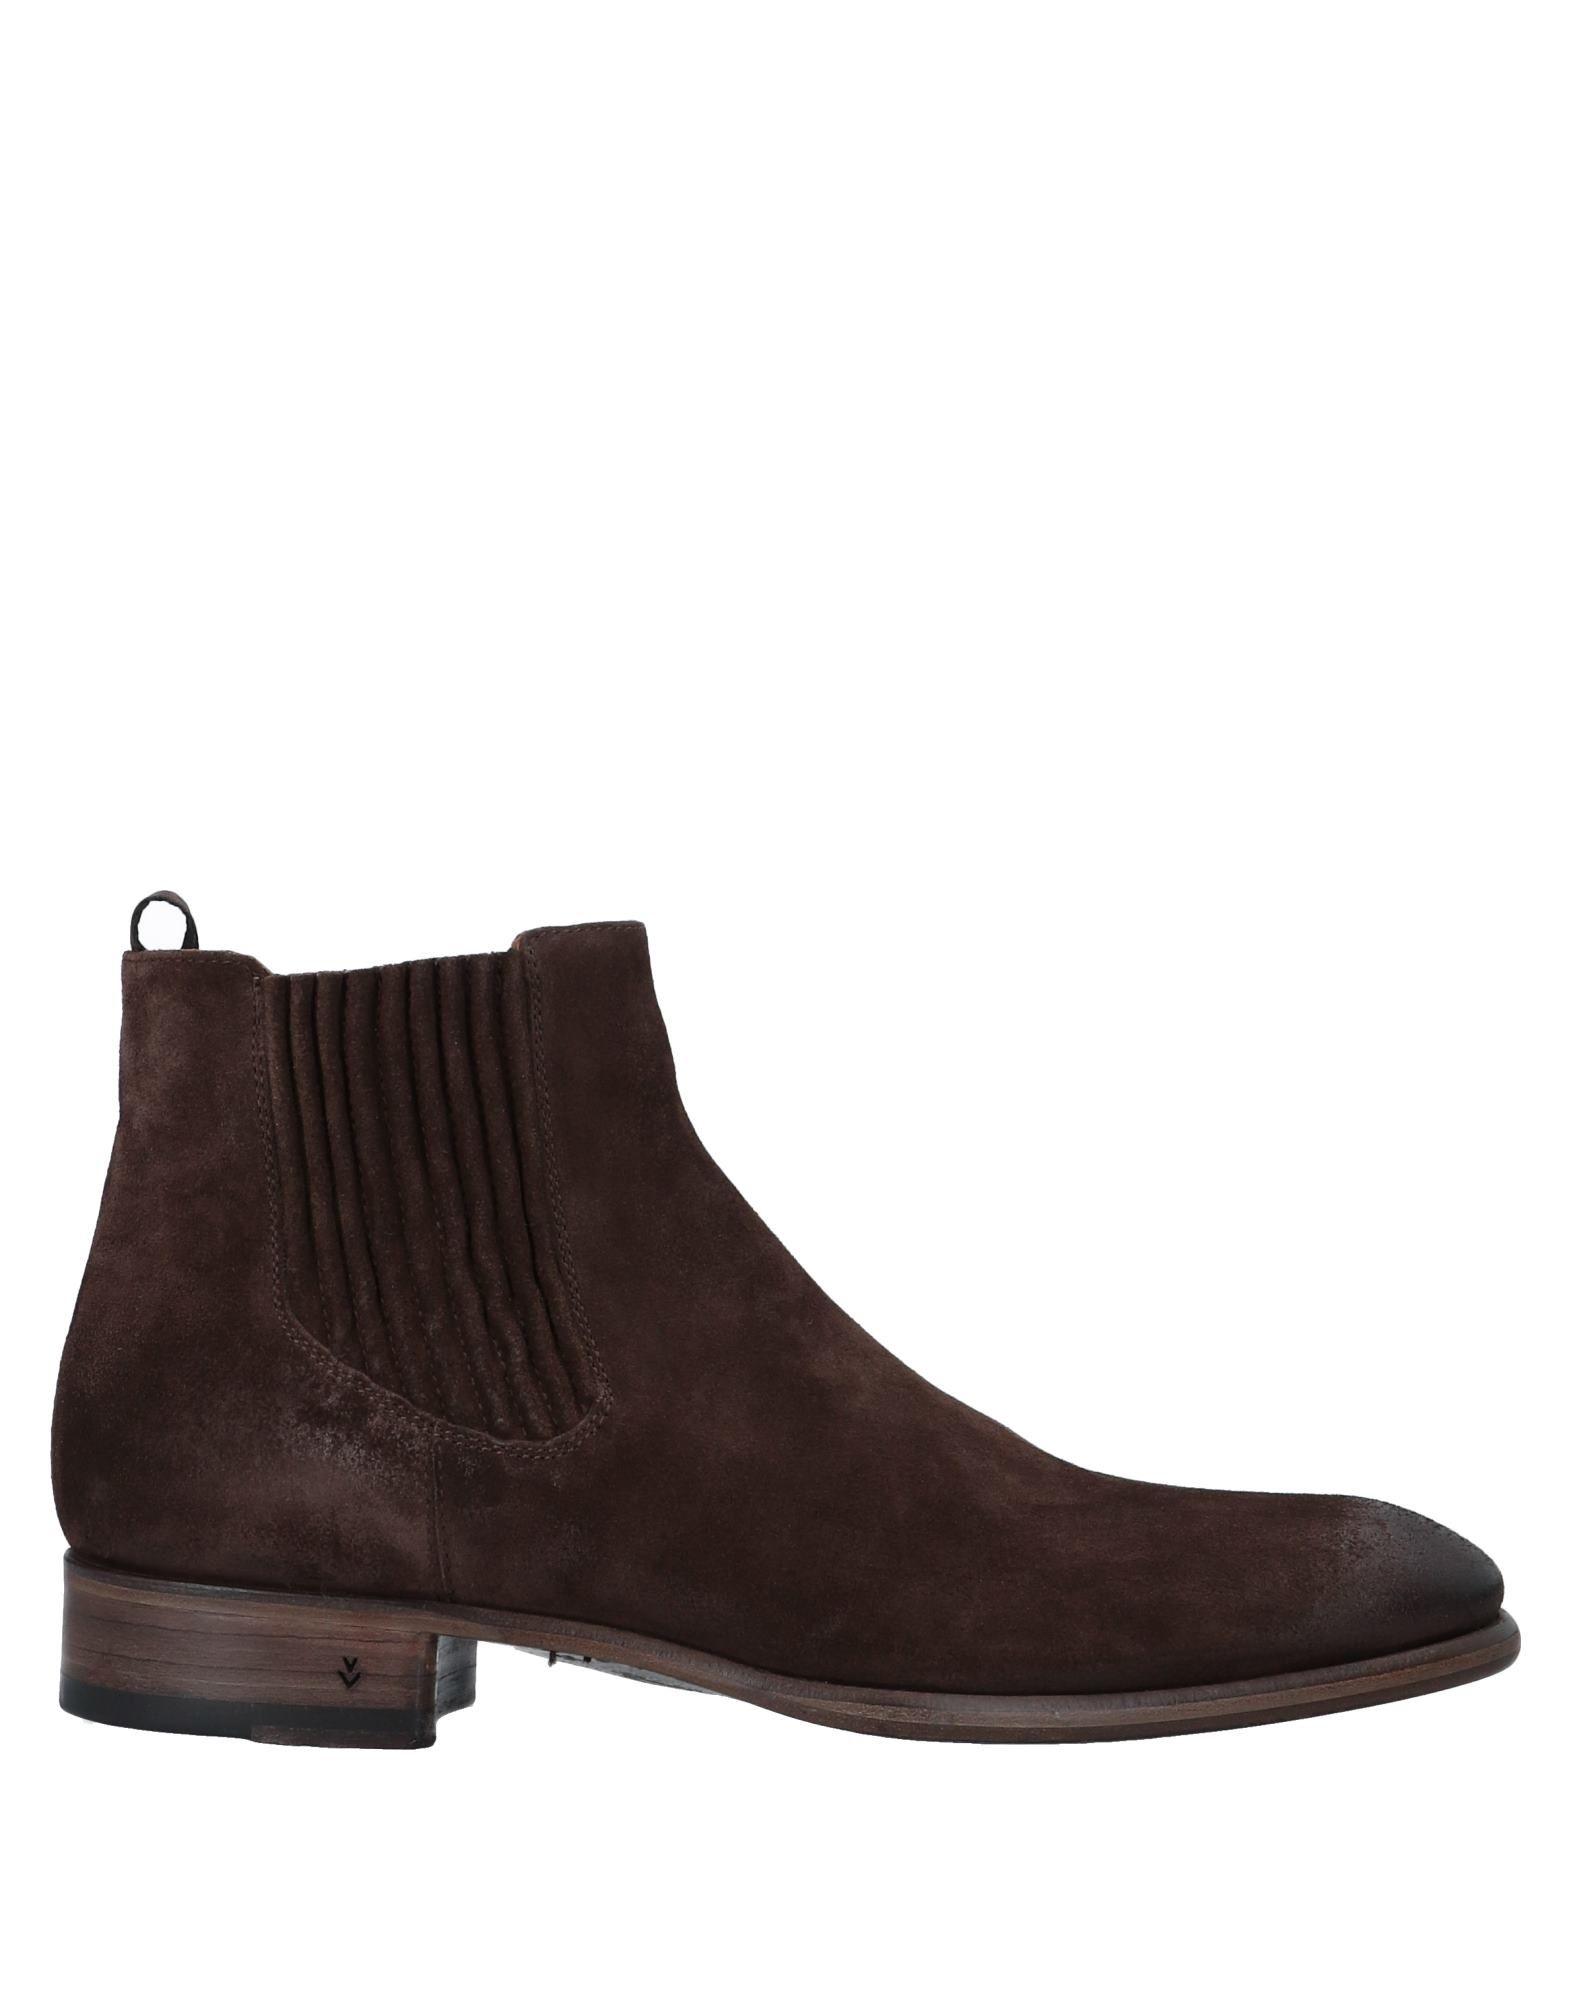 John Varvatos Stiefelette Herren  11535860GL Gute Qualität beliebte Schuhe